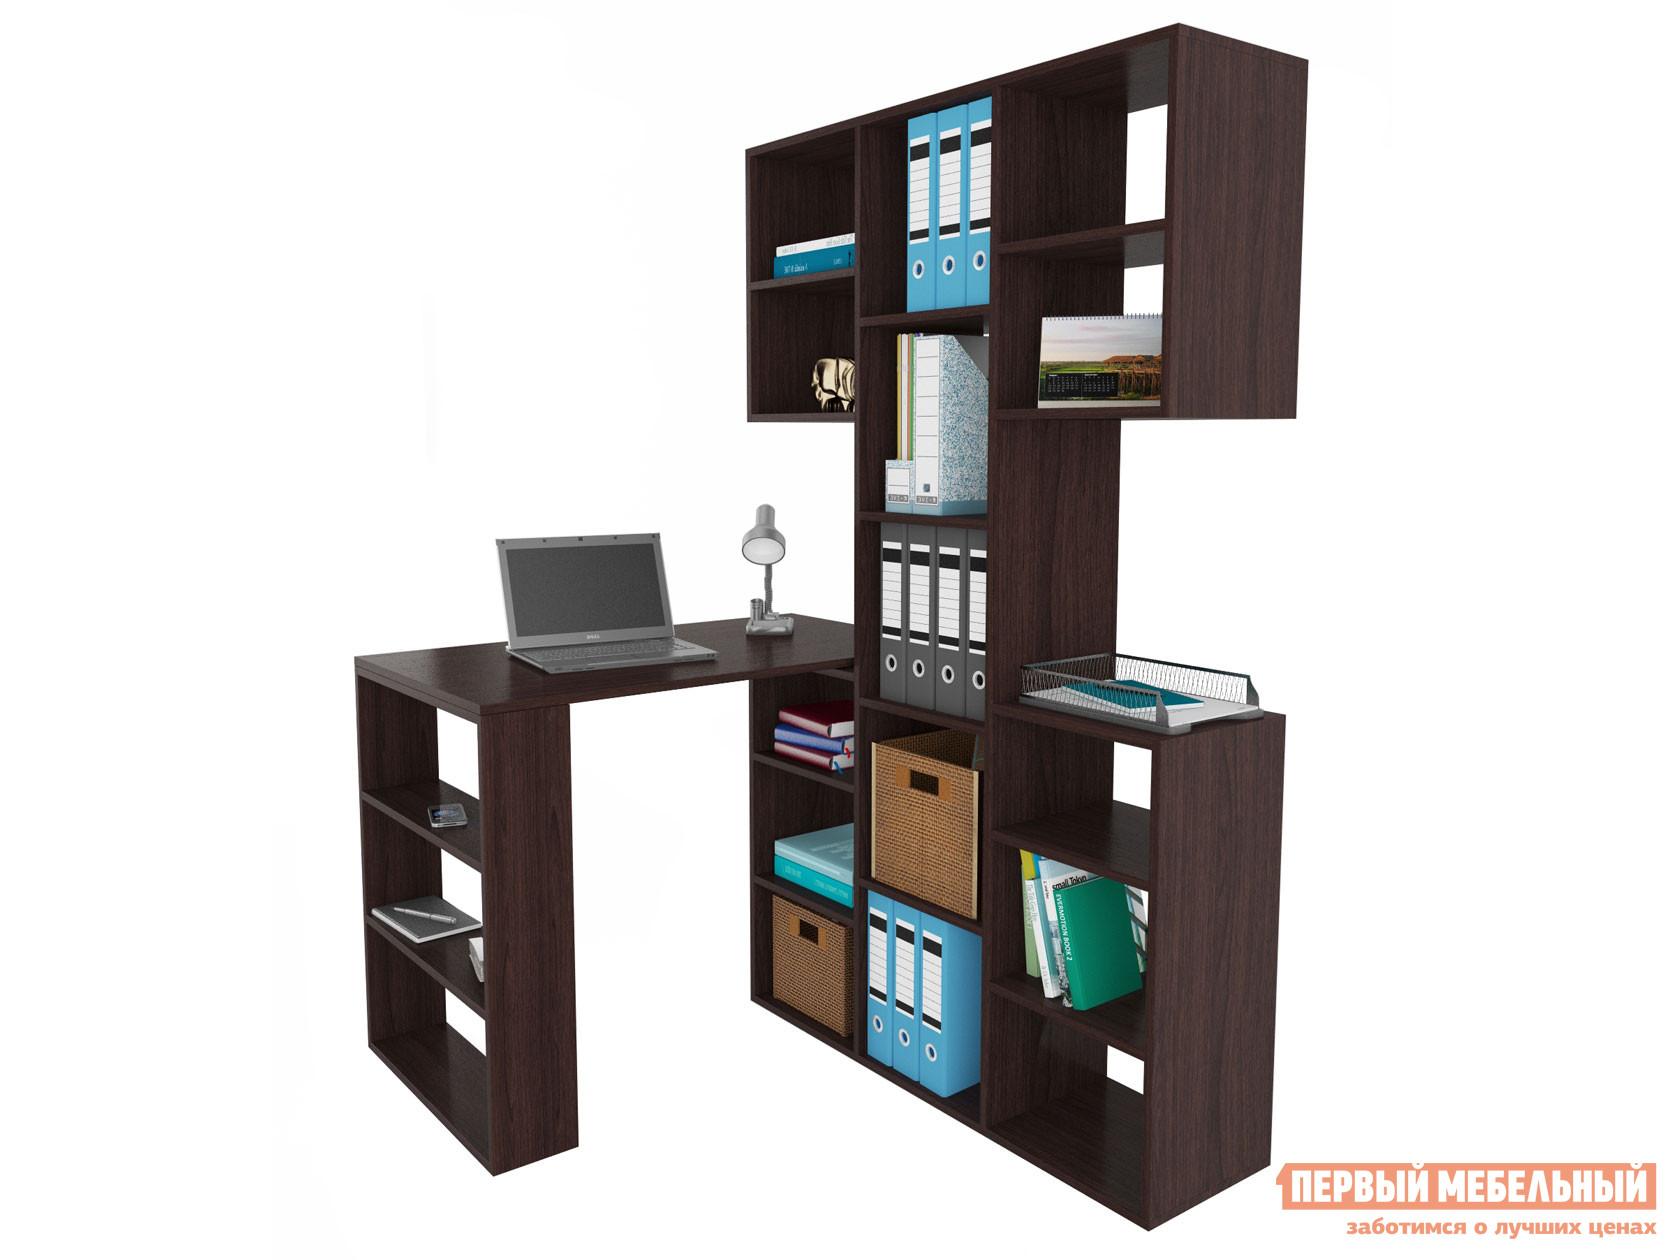 Угловой компьютерный стол МФ Мастер Рикс-3 + Рикс-5